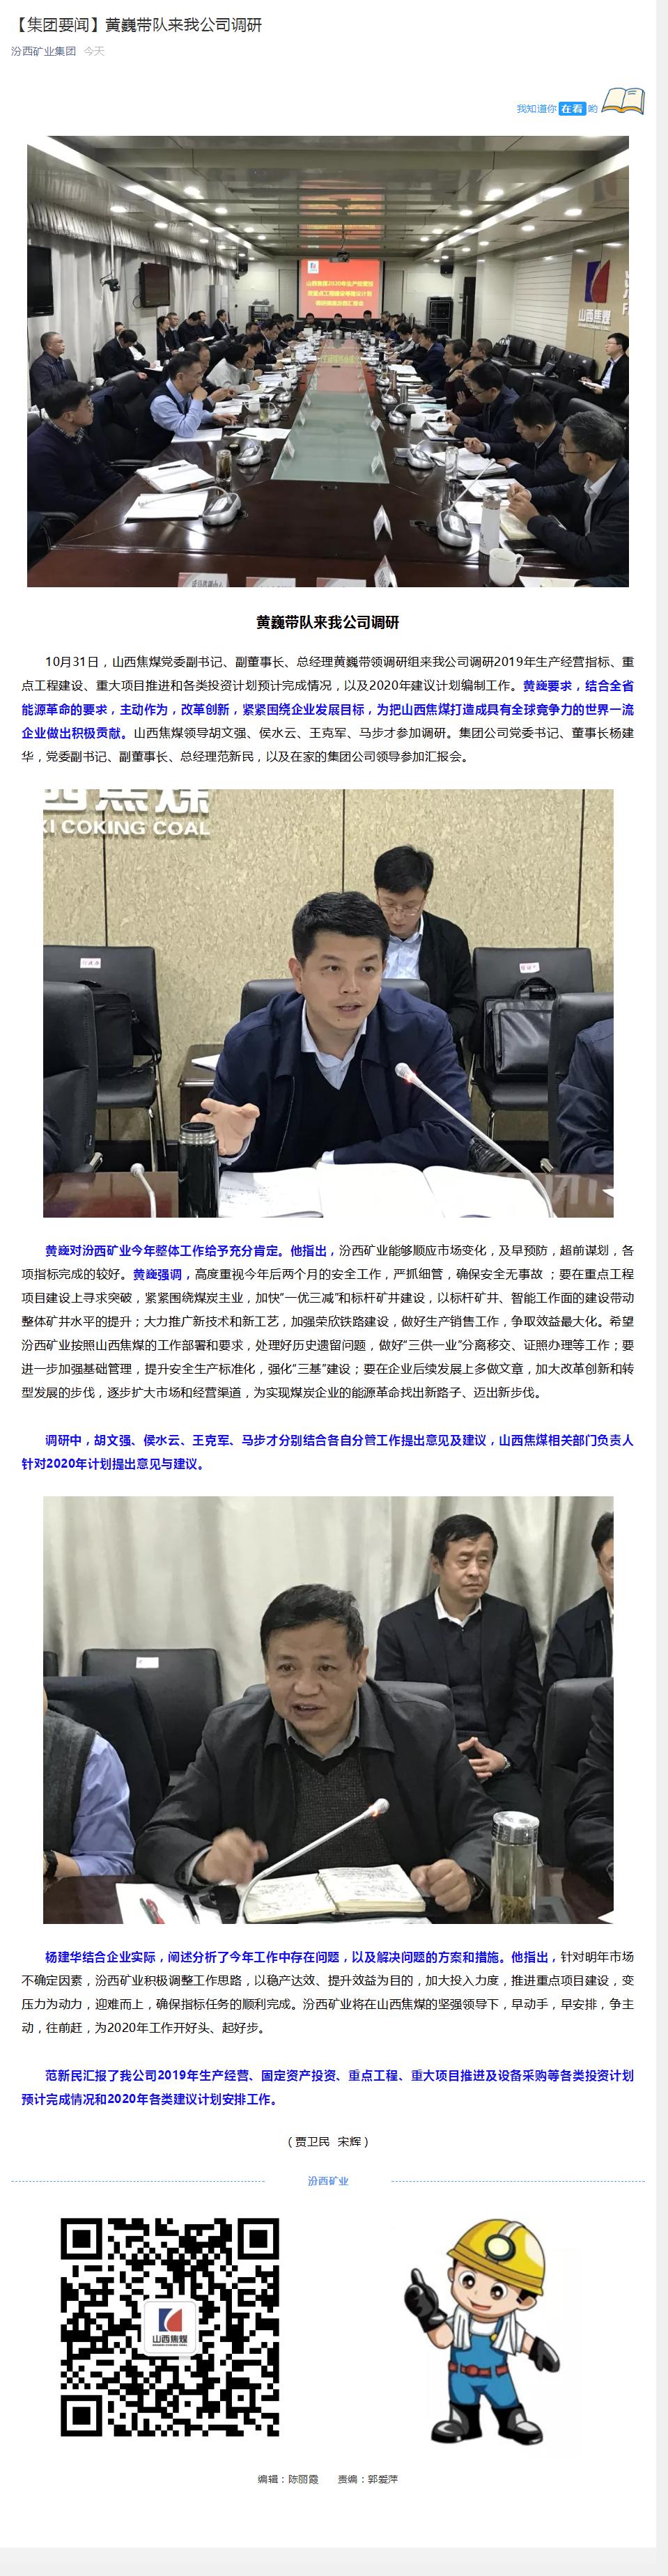 【集团要闻】黄巍带队来我公司调研.png